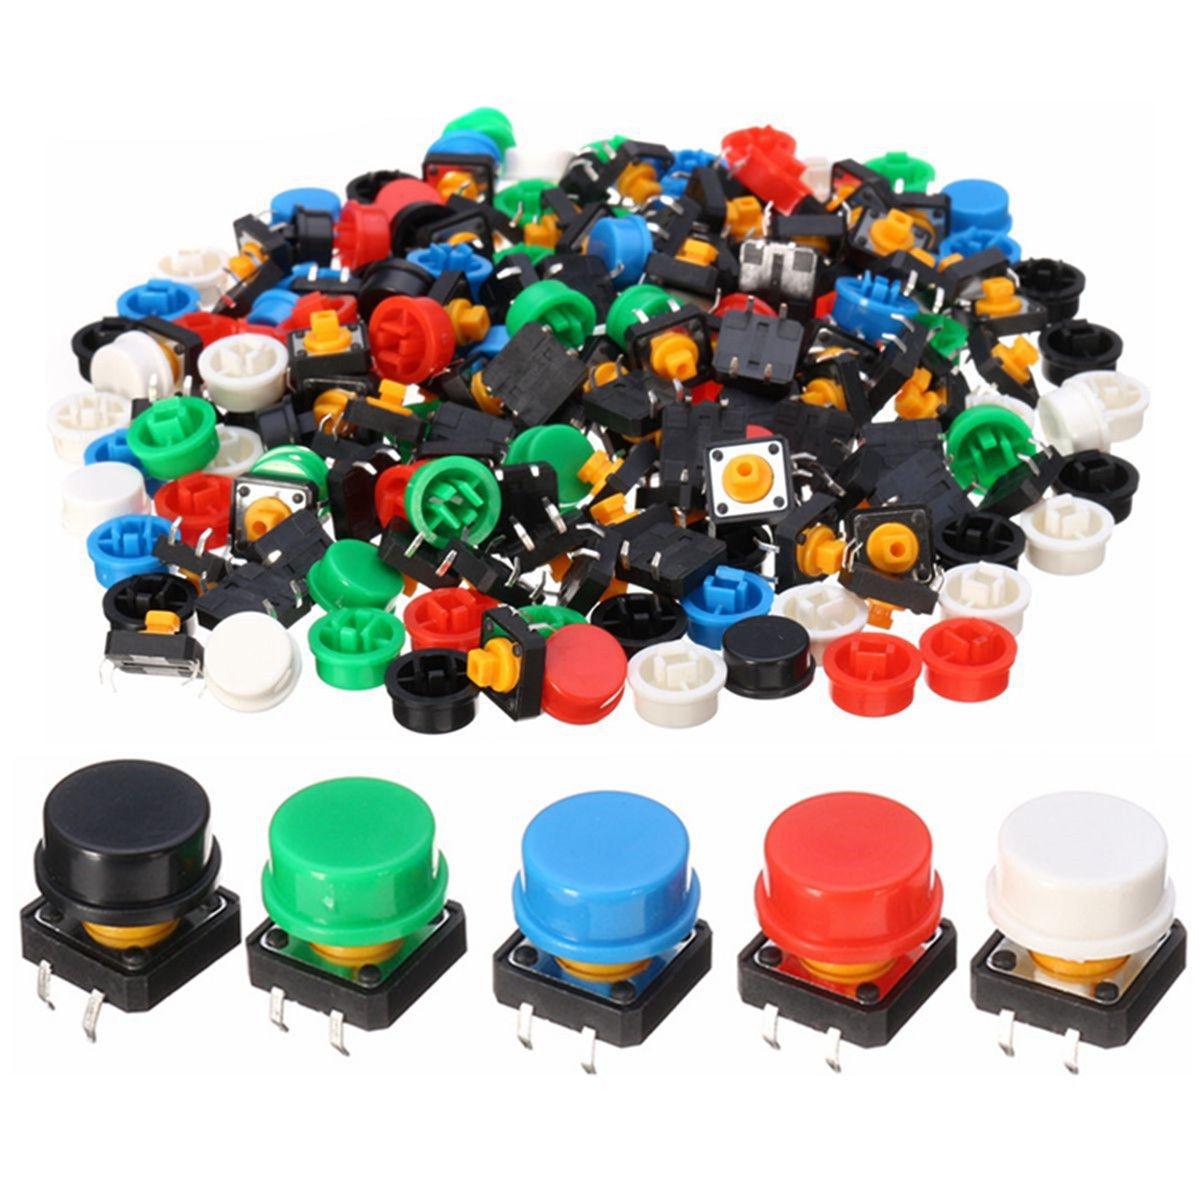 100 unids plástico Interruptor táctil PCB TACT botón interruptor momentáneo 4 Pasadores + 5 color Cap Botón 12 * 12*7.3mm mayitr